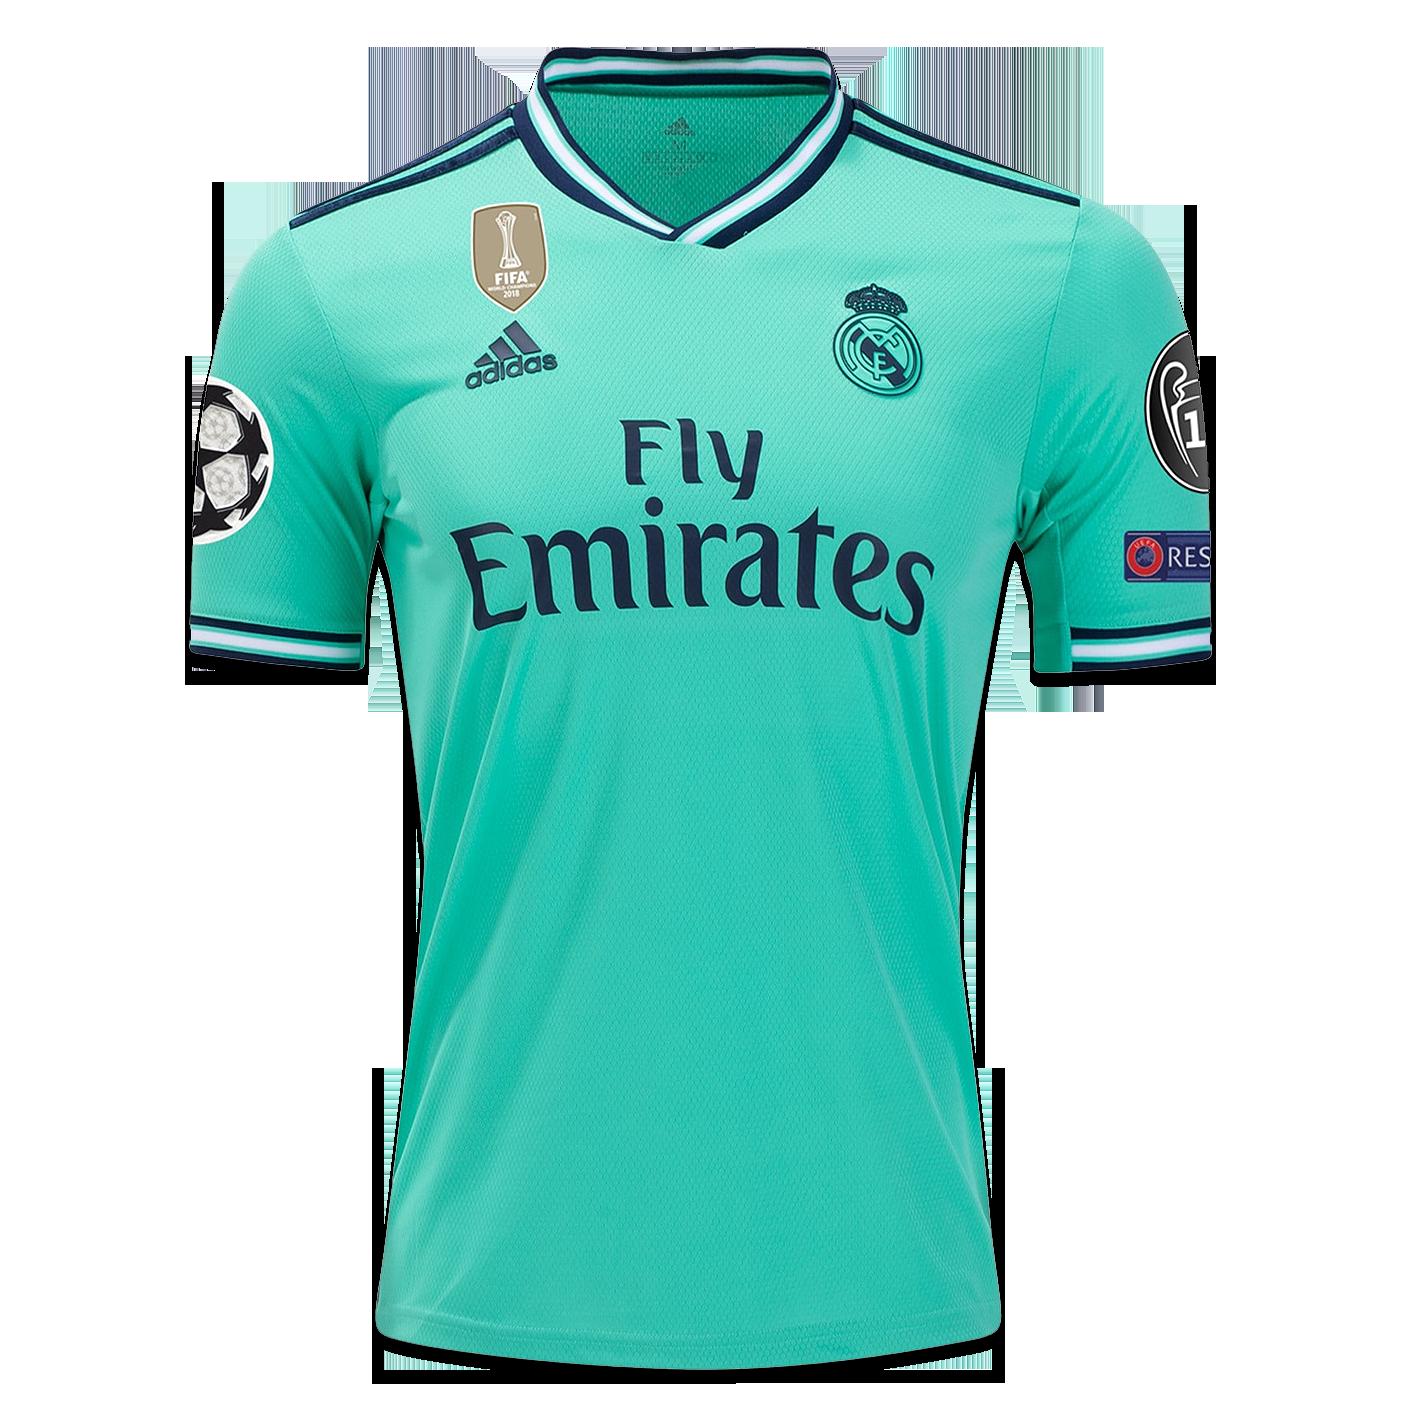 Real Madrid 2019 20 Jersey Third Futbol Femenino Camisa De Fútbol Futbol Europeo